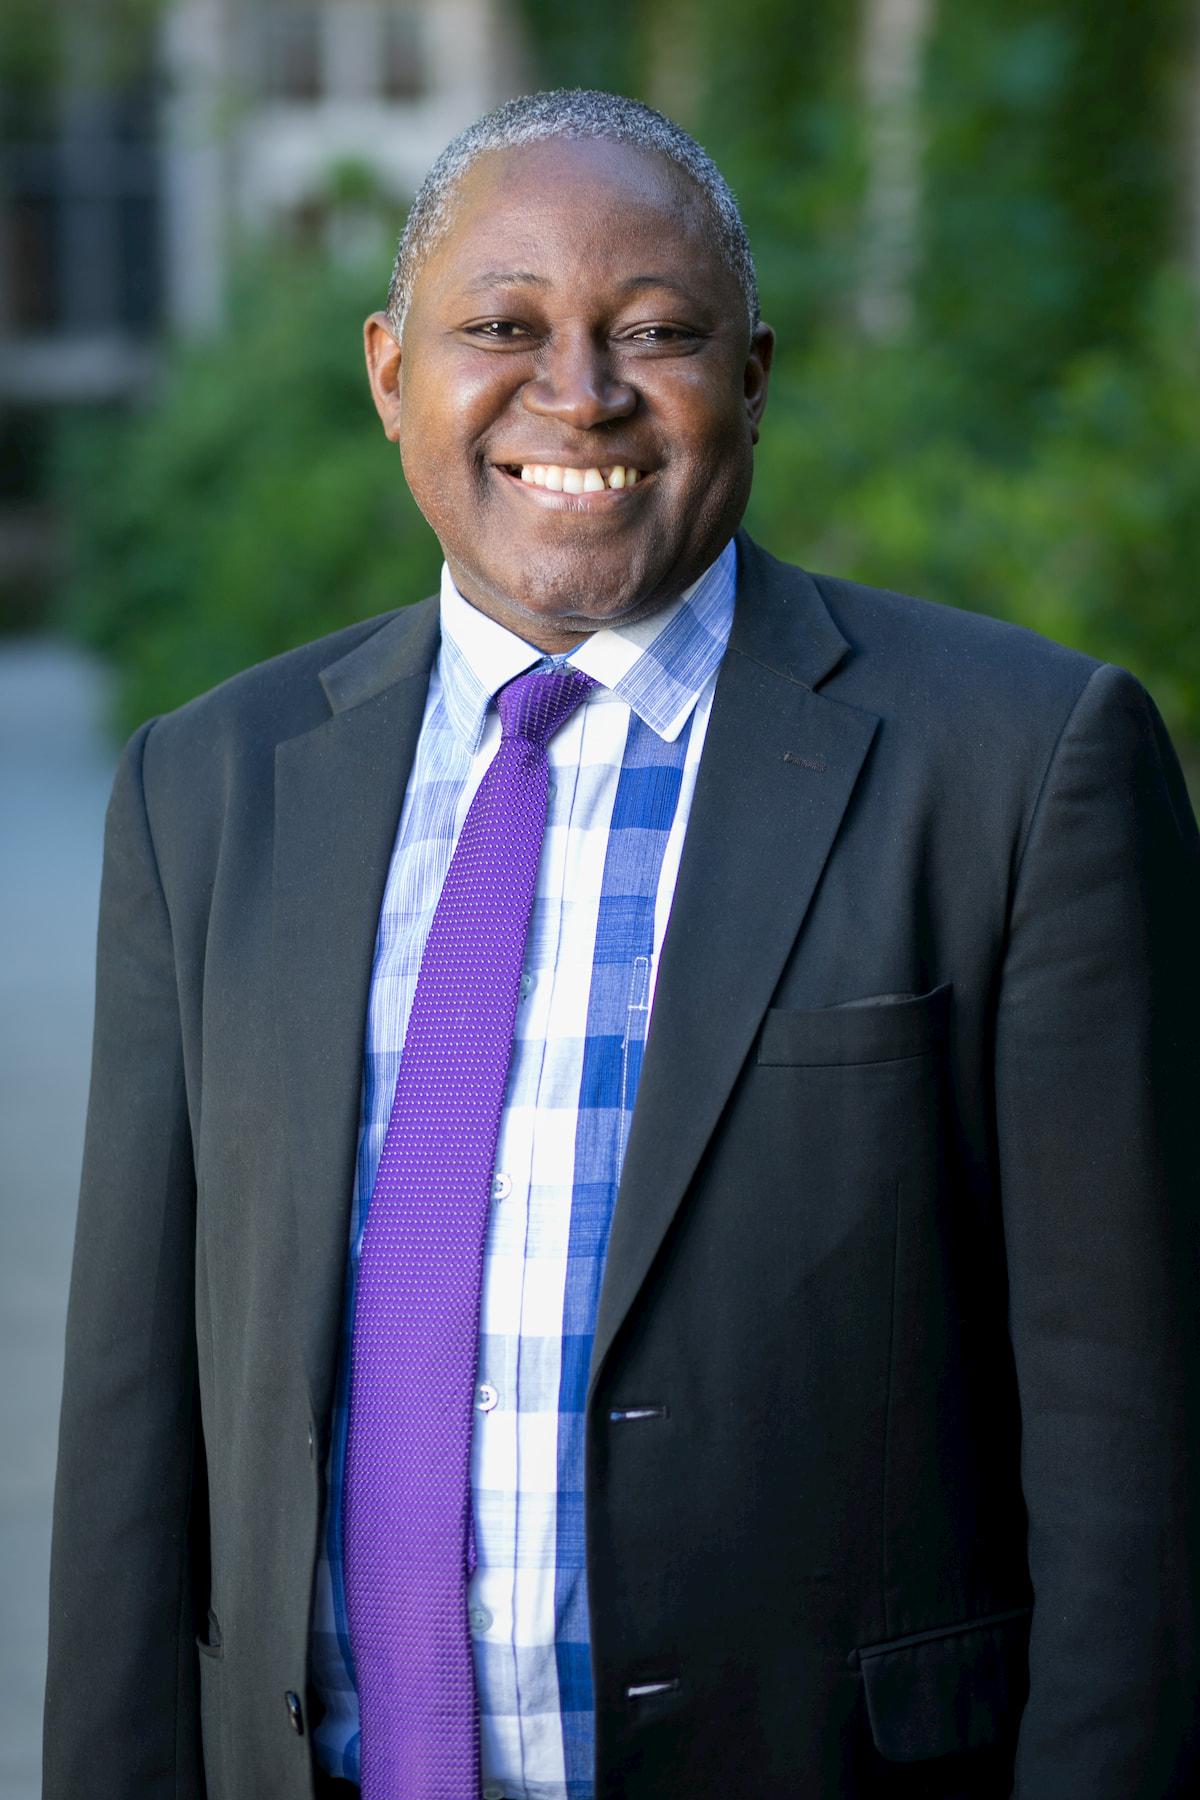 Directeur exécutif du cabinet Bemora Attorneys